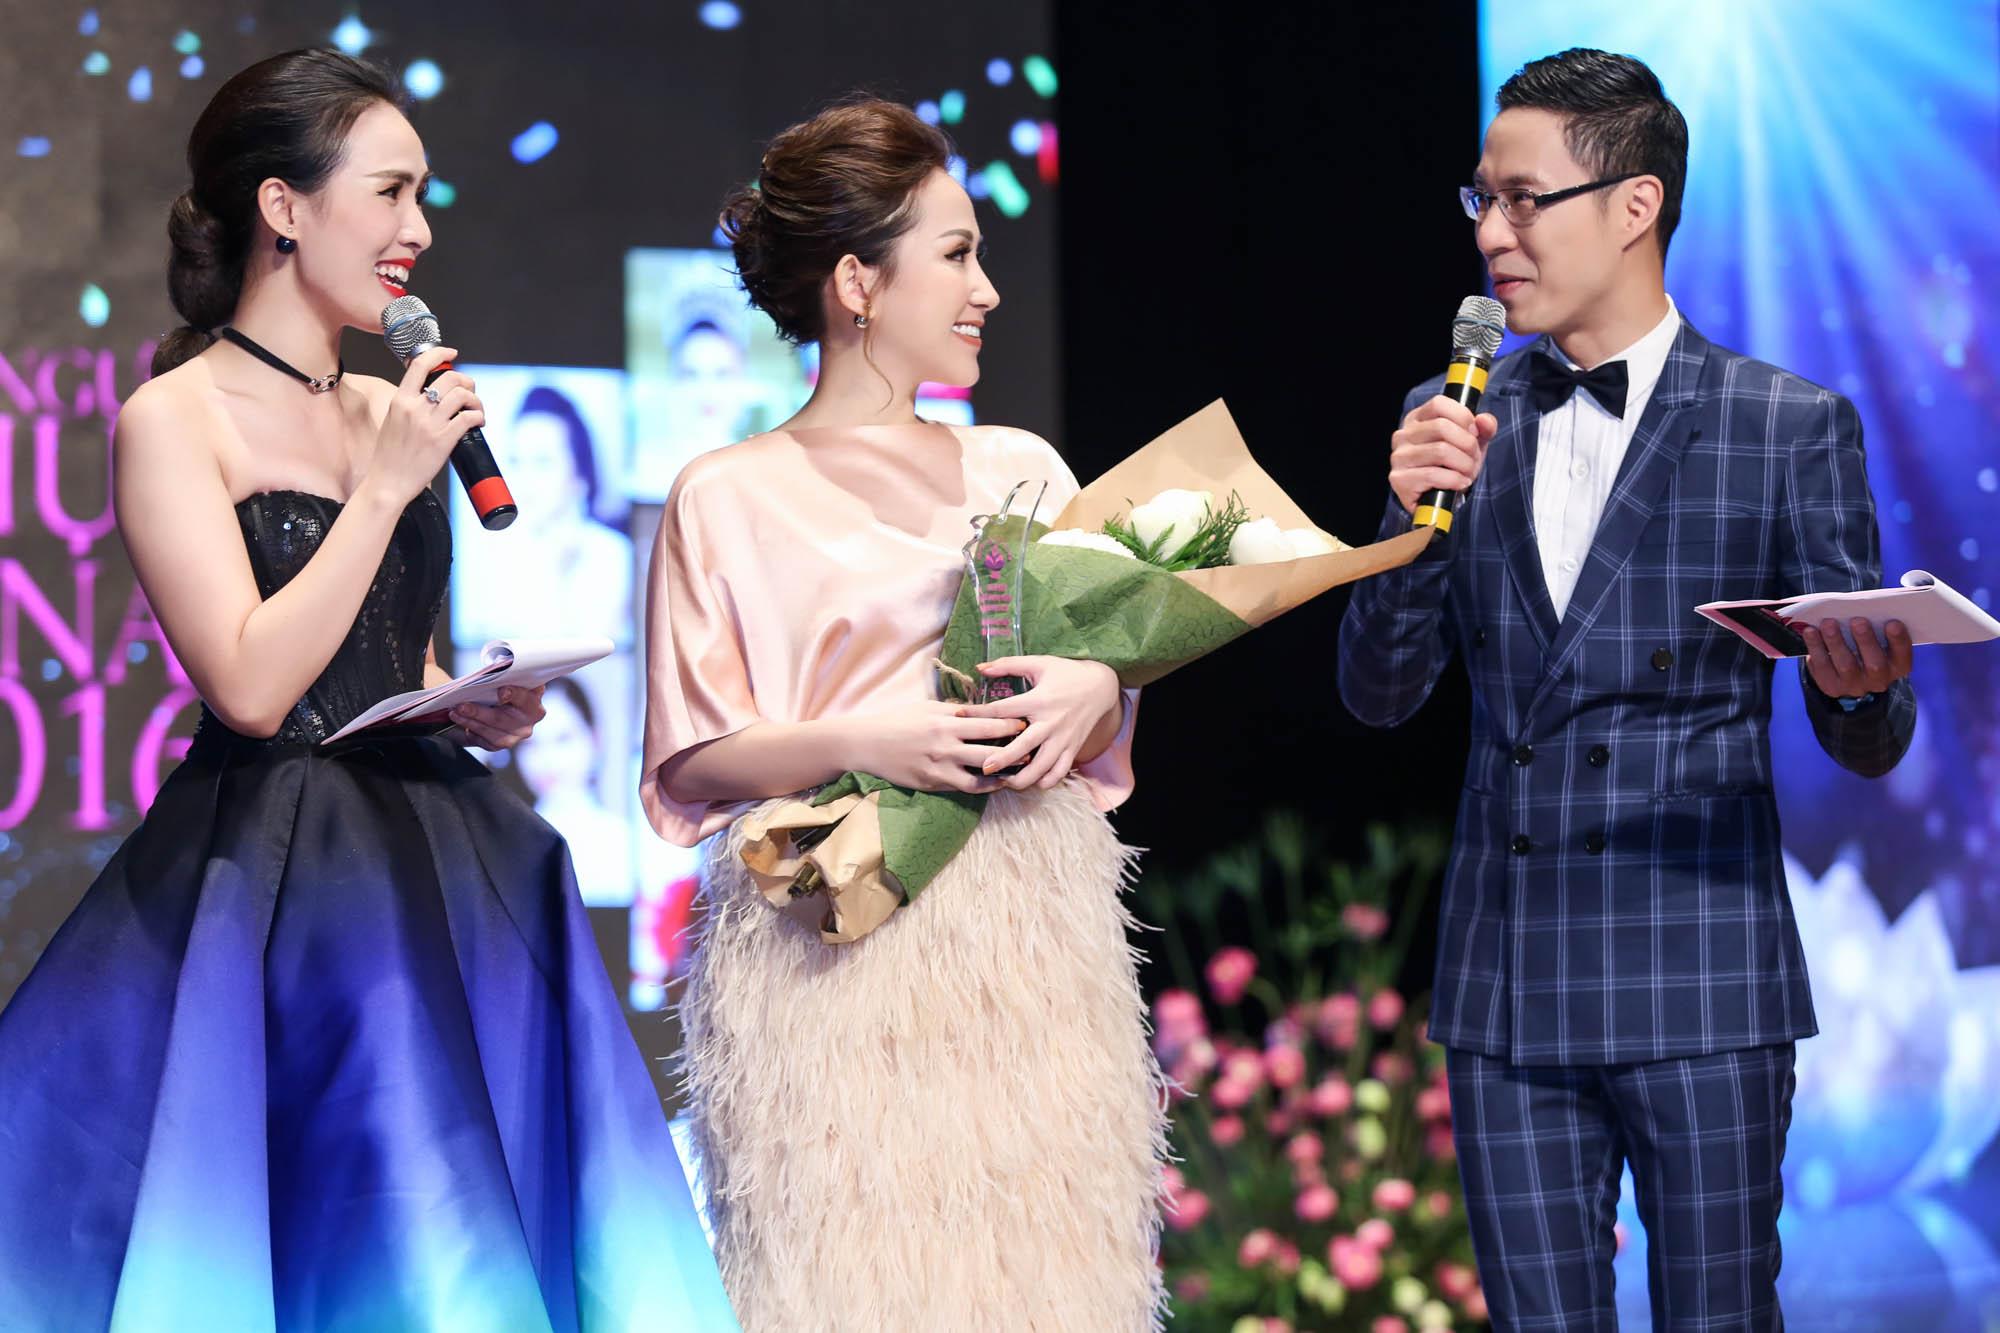 Fashionista Trâm Nguyễn - elle việt nam 13